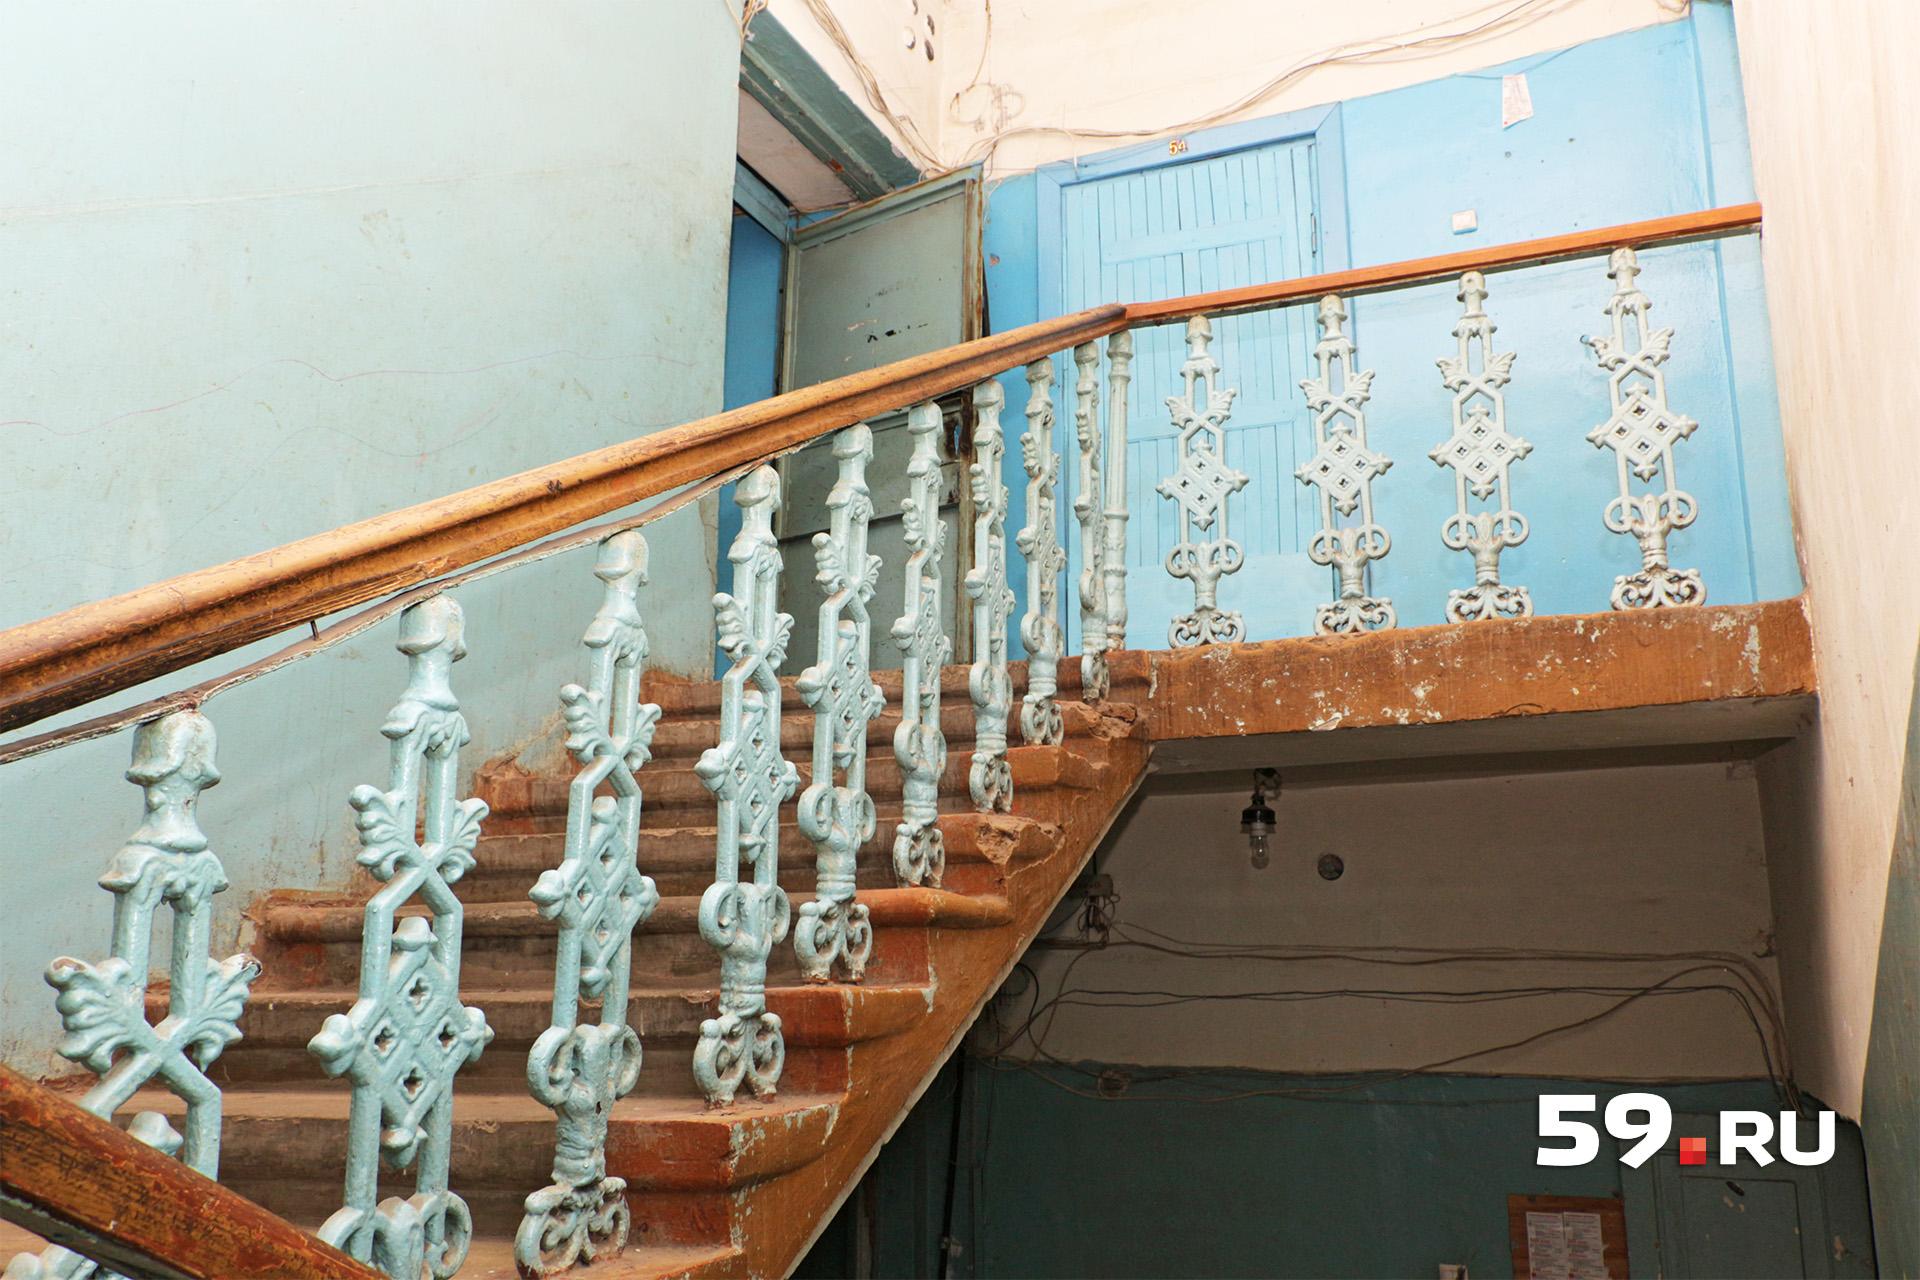 Подъезд центрального крыла. На лестничных площадках установлены массивные перила